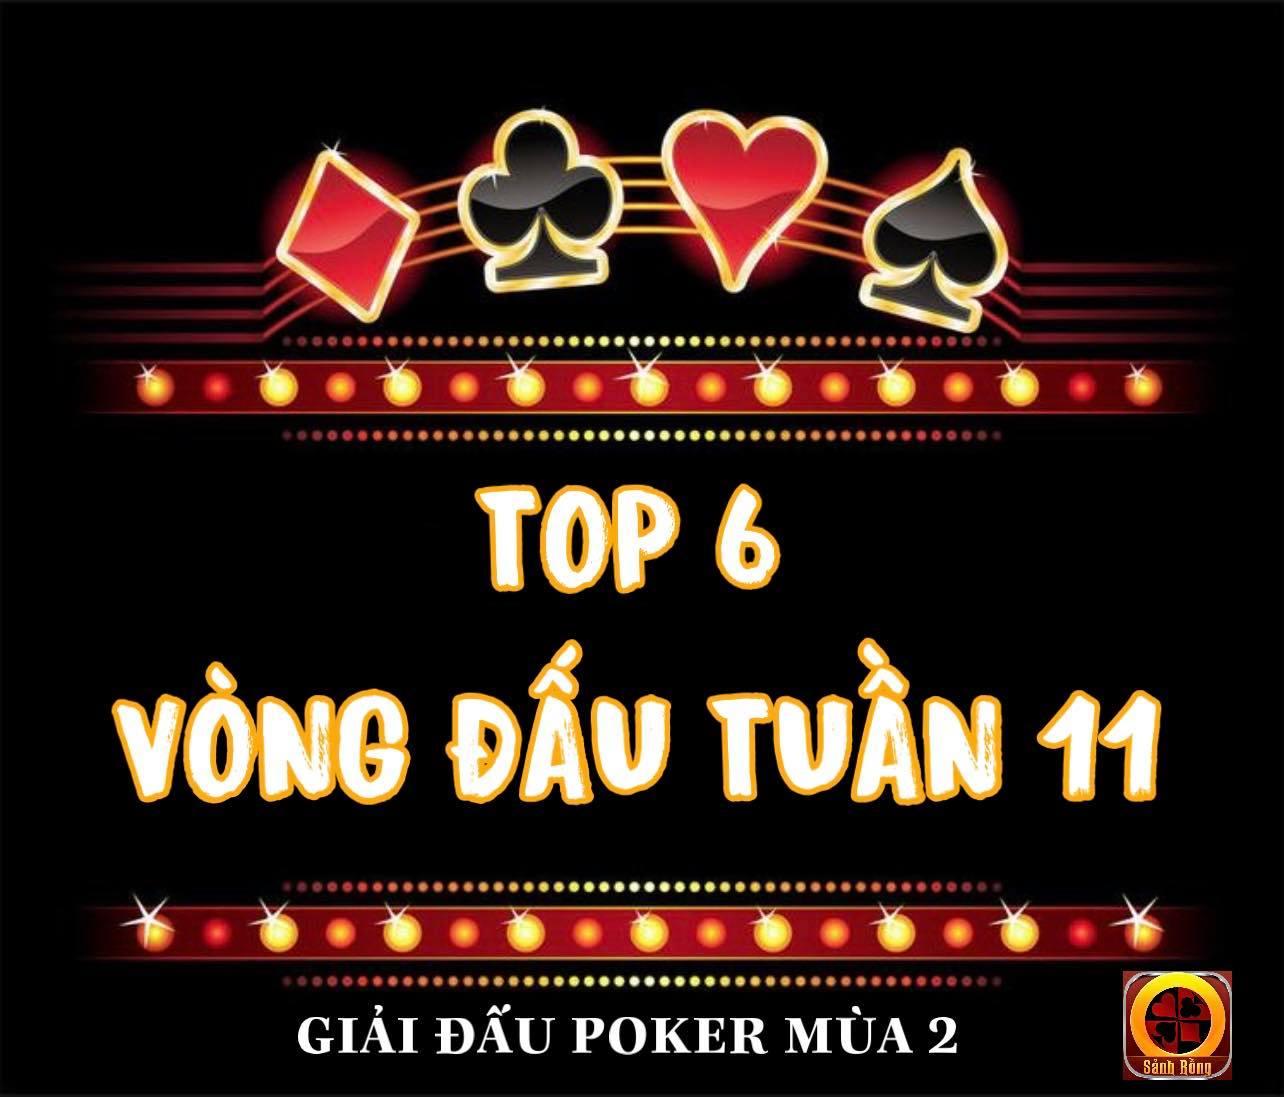 Lộ DiệnTop 06 Cao Thủ Sẽ Tham Dự Vòng Đấu Tuần 11 của Giải Đấu Poker Mùa 2